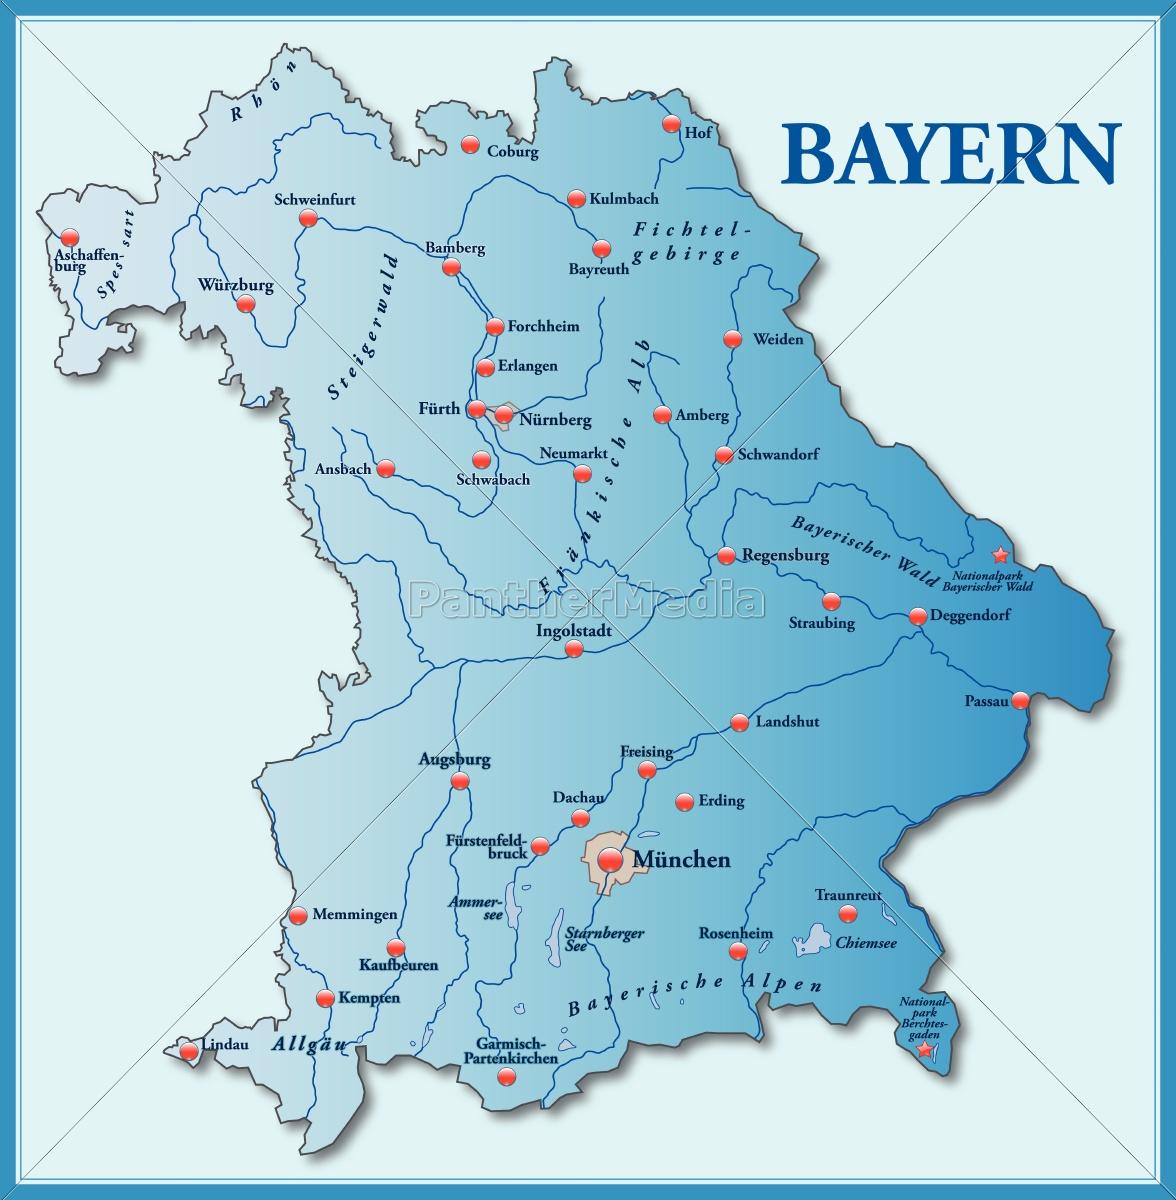 Karte Bayern.Lizenzfreie Vektorgrafik 10635159 Karte Von Bayern Als übersichtskarte In Blau